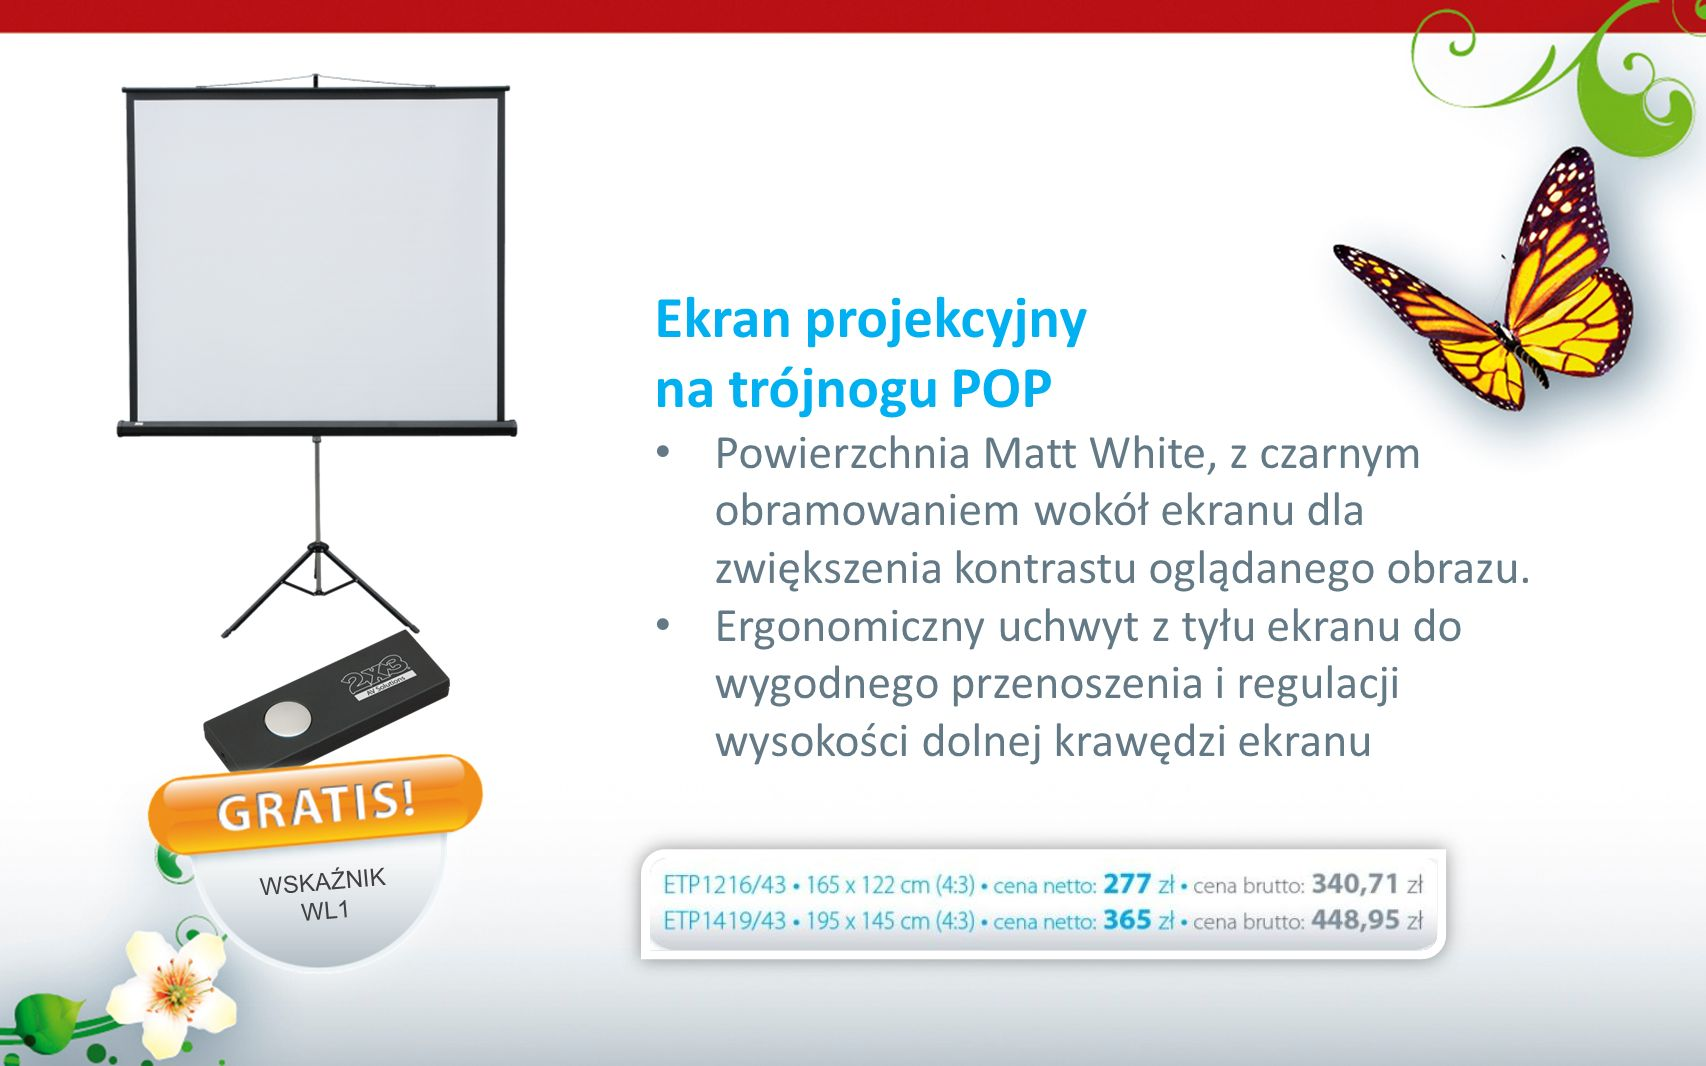 Ekran projekcyjny na trójnogu POP